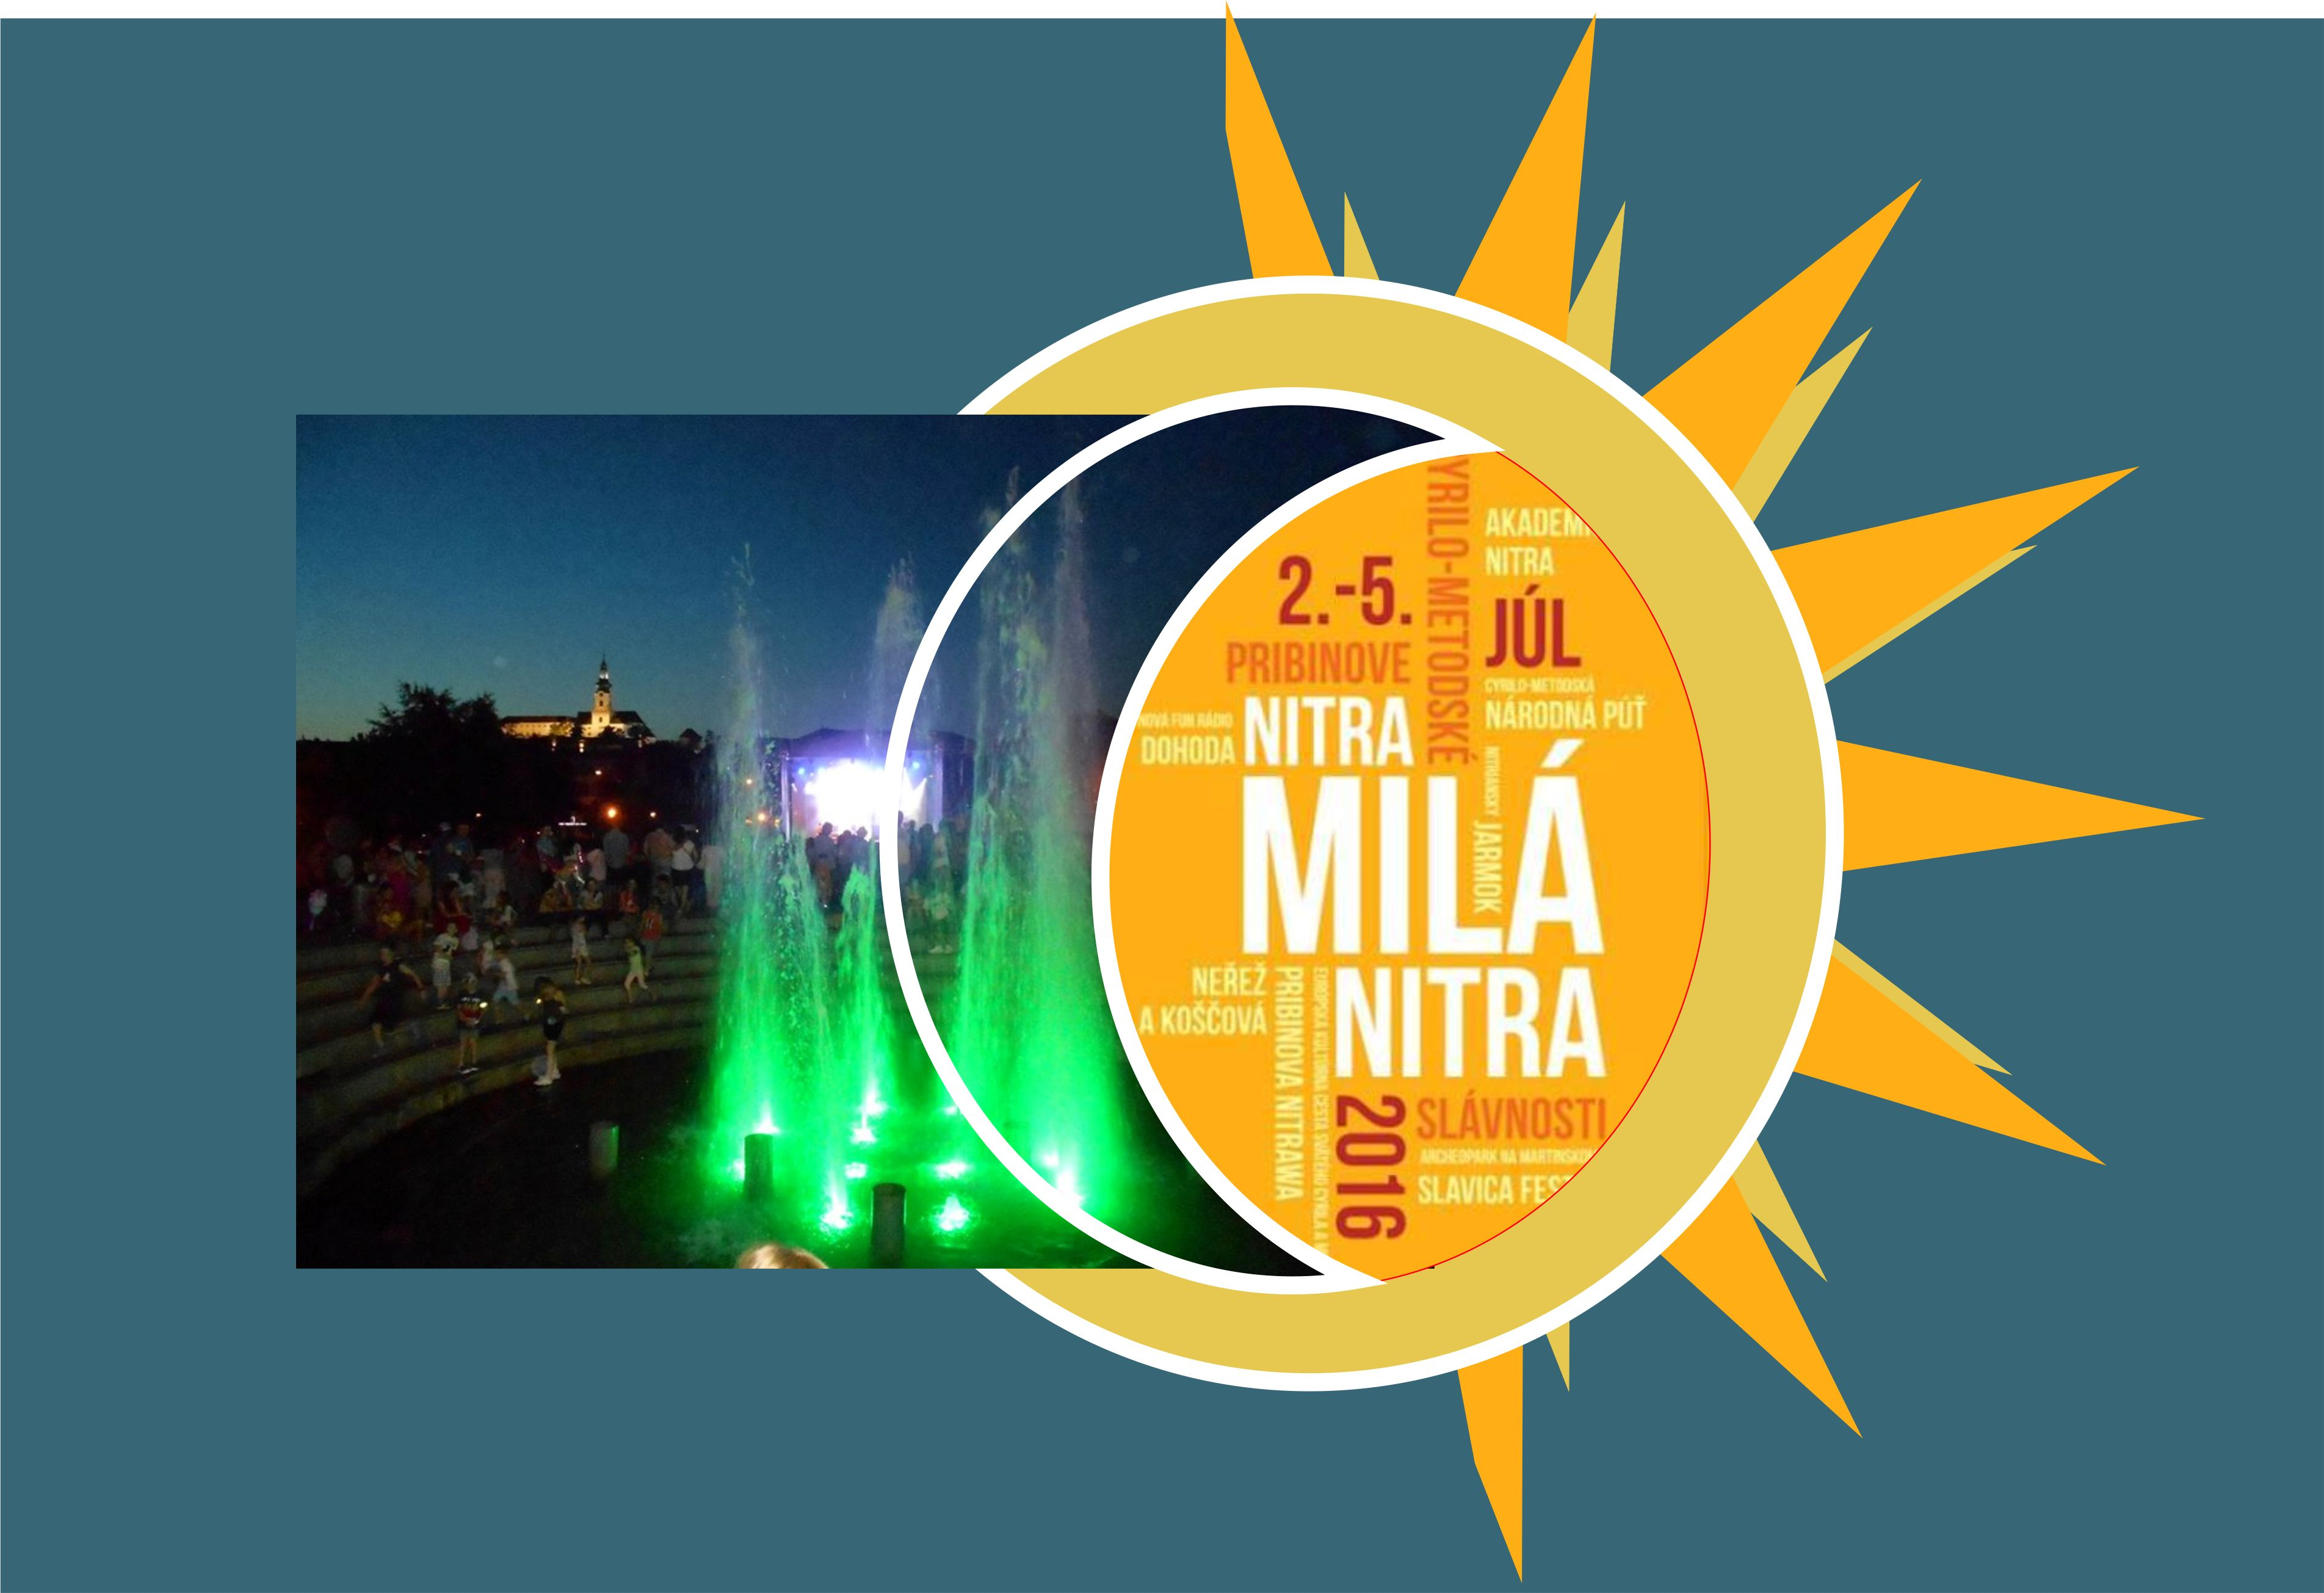 26b5eb22918ca Nitra, milá Nitra 2016 - zoznam podujat - Kam v meste | moje Topolcany